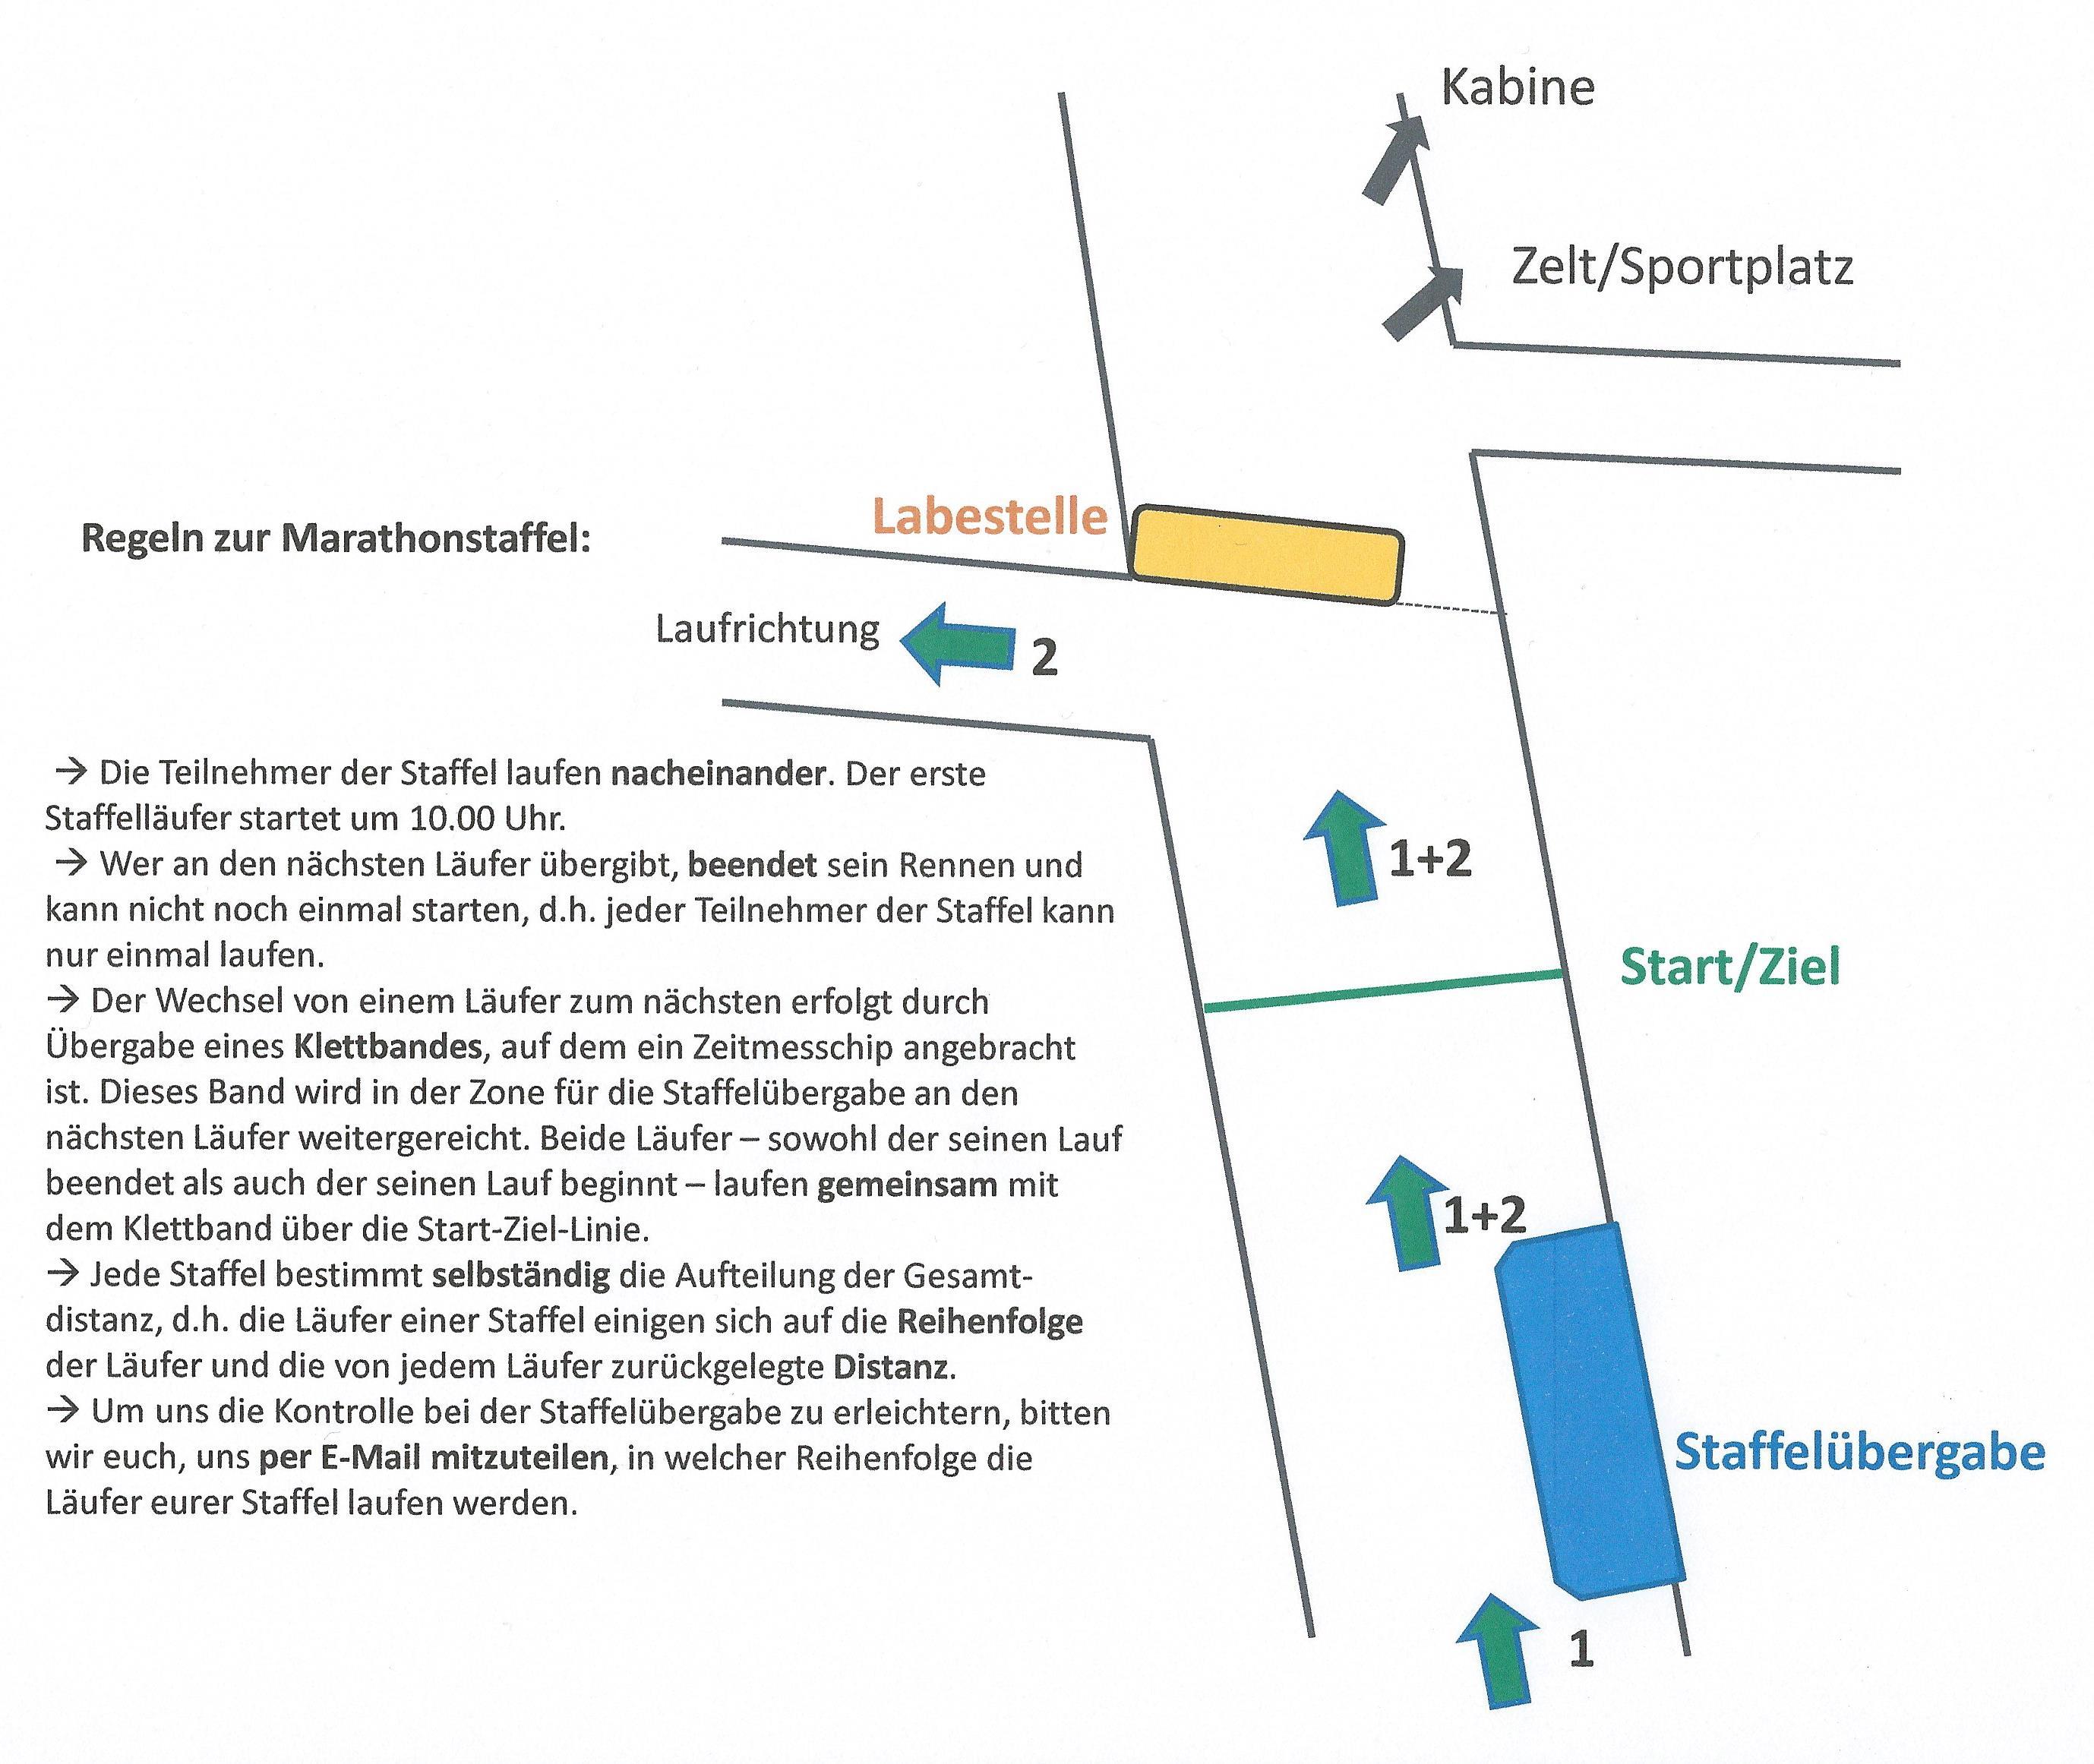 Niedlich Aktuelles Format 2016 Ideen - Entry Level Resume Vorlagen ...